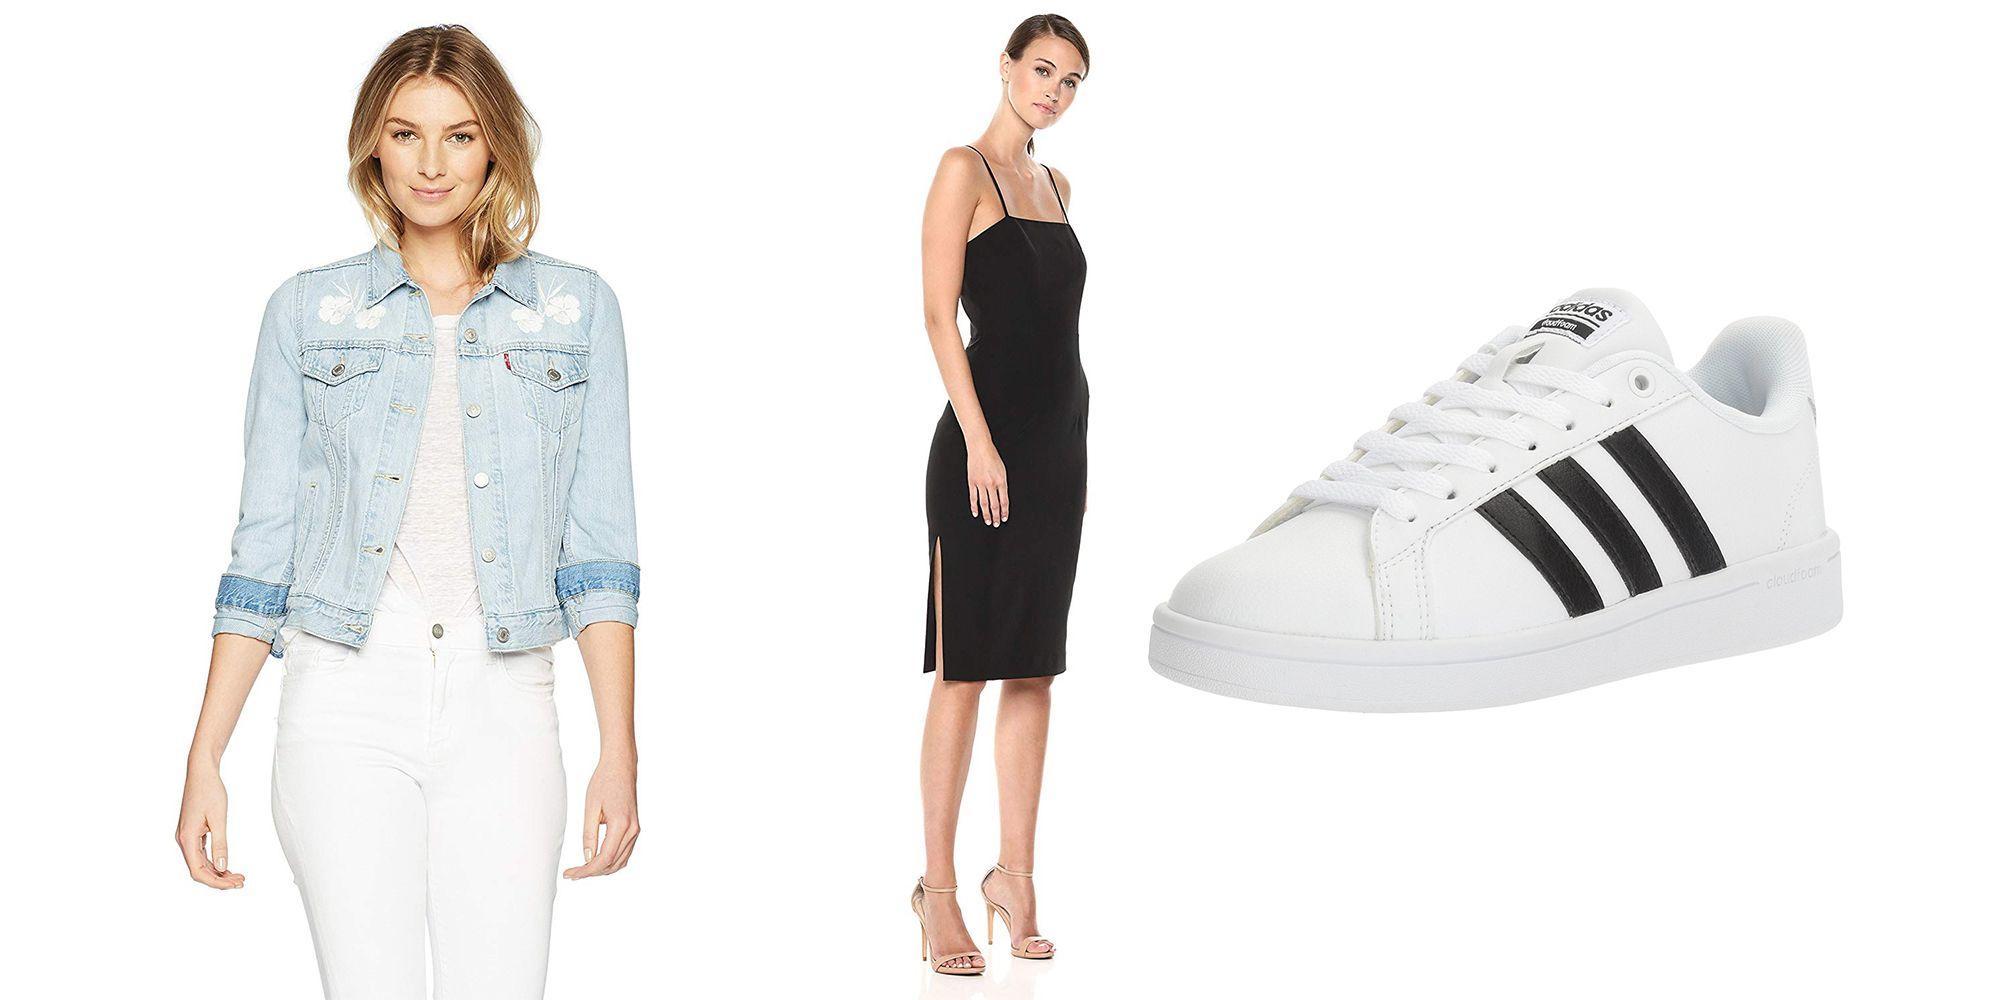 4c781a942b70 White Lace Jumpsuit Amazon